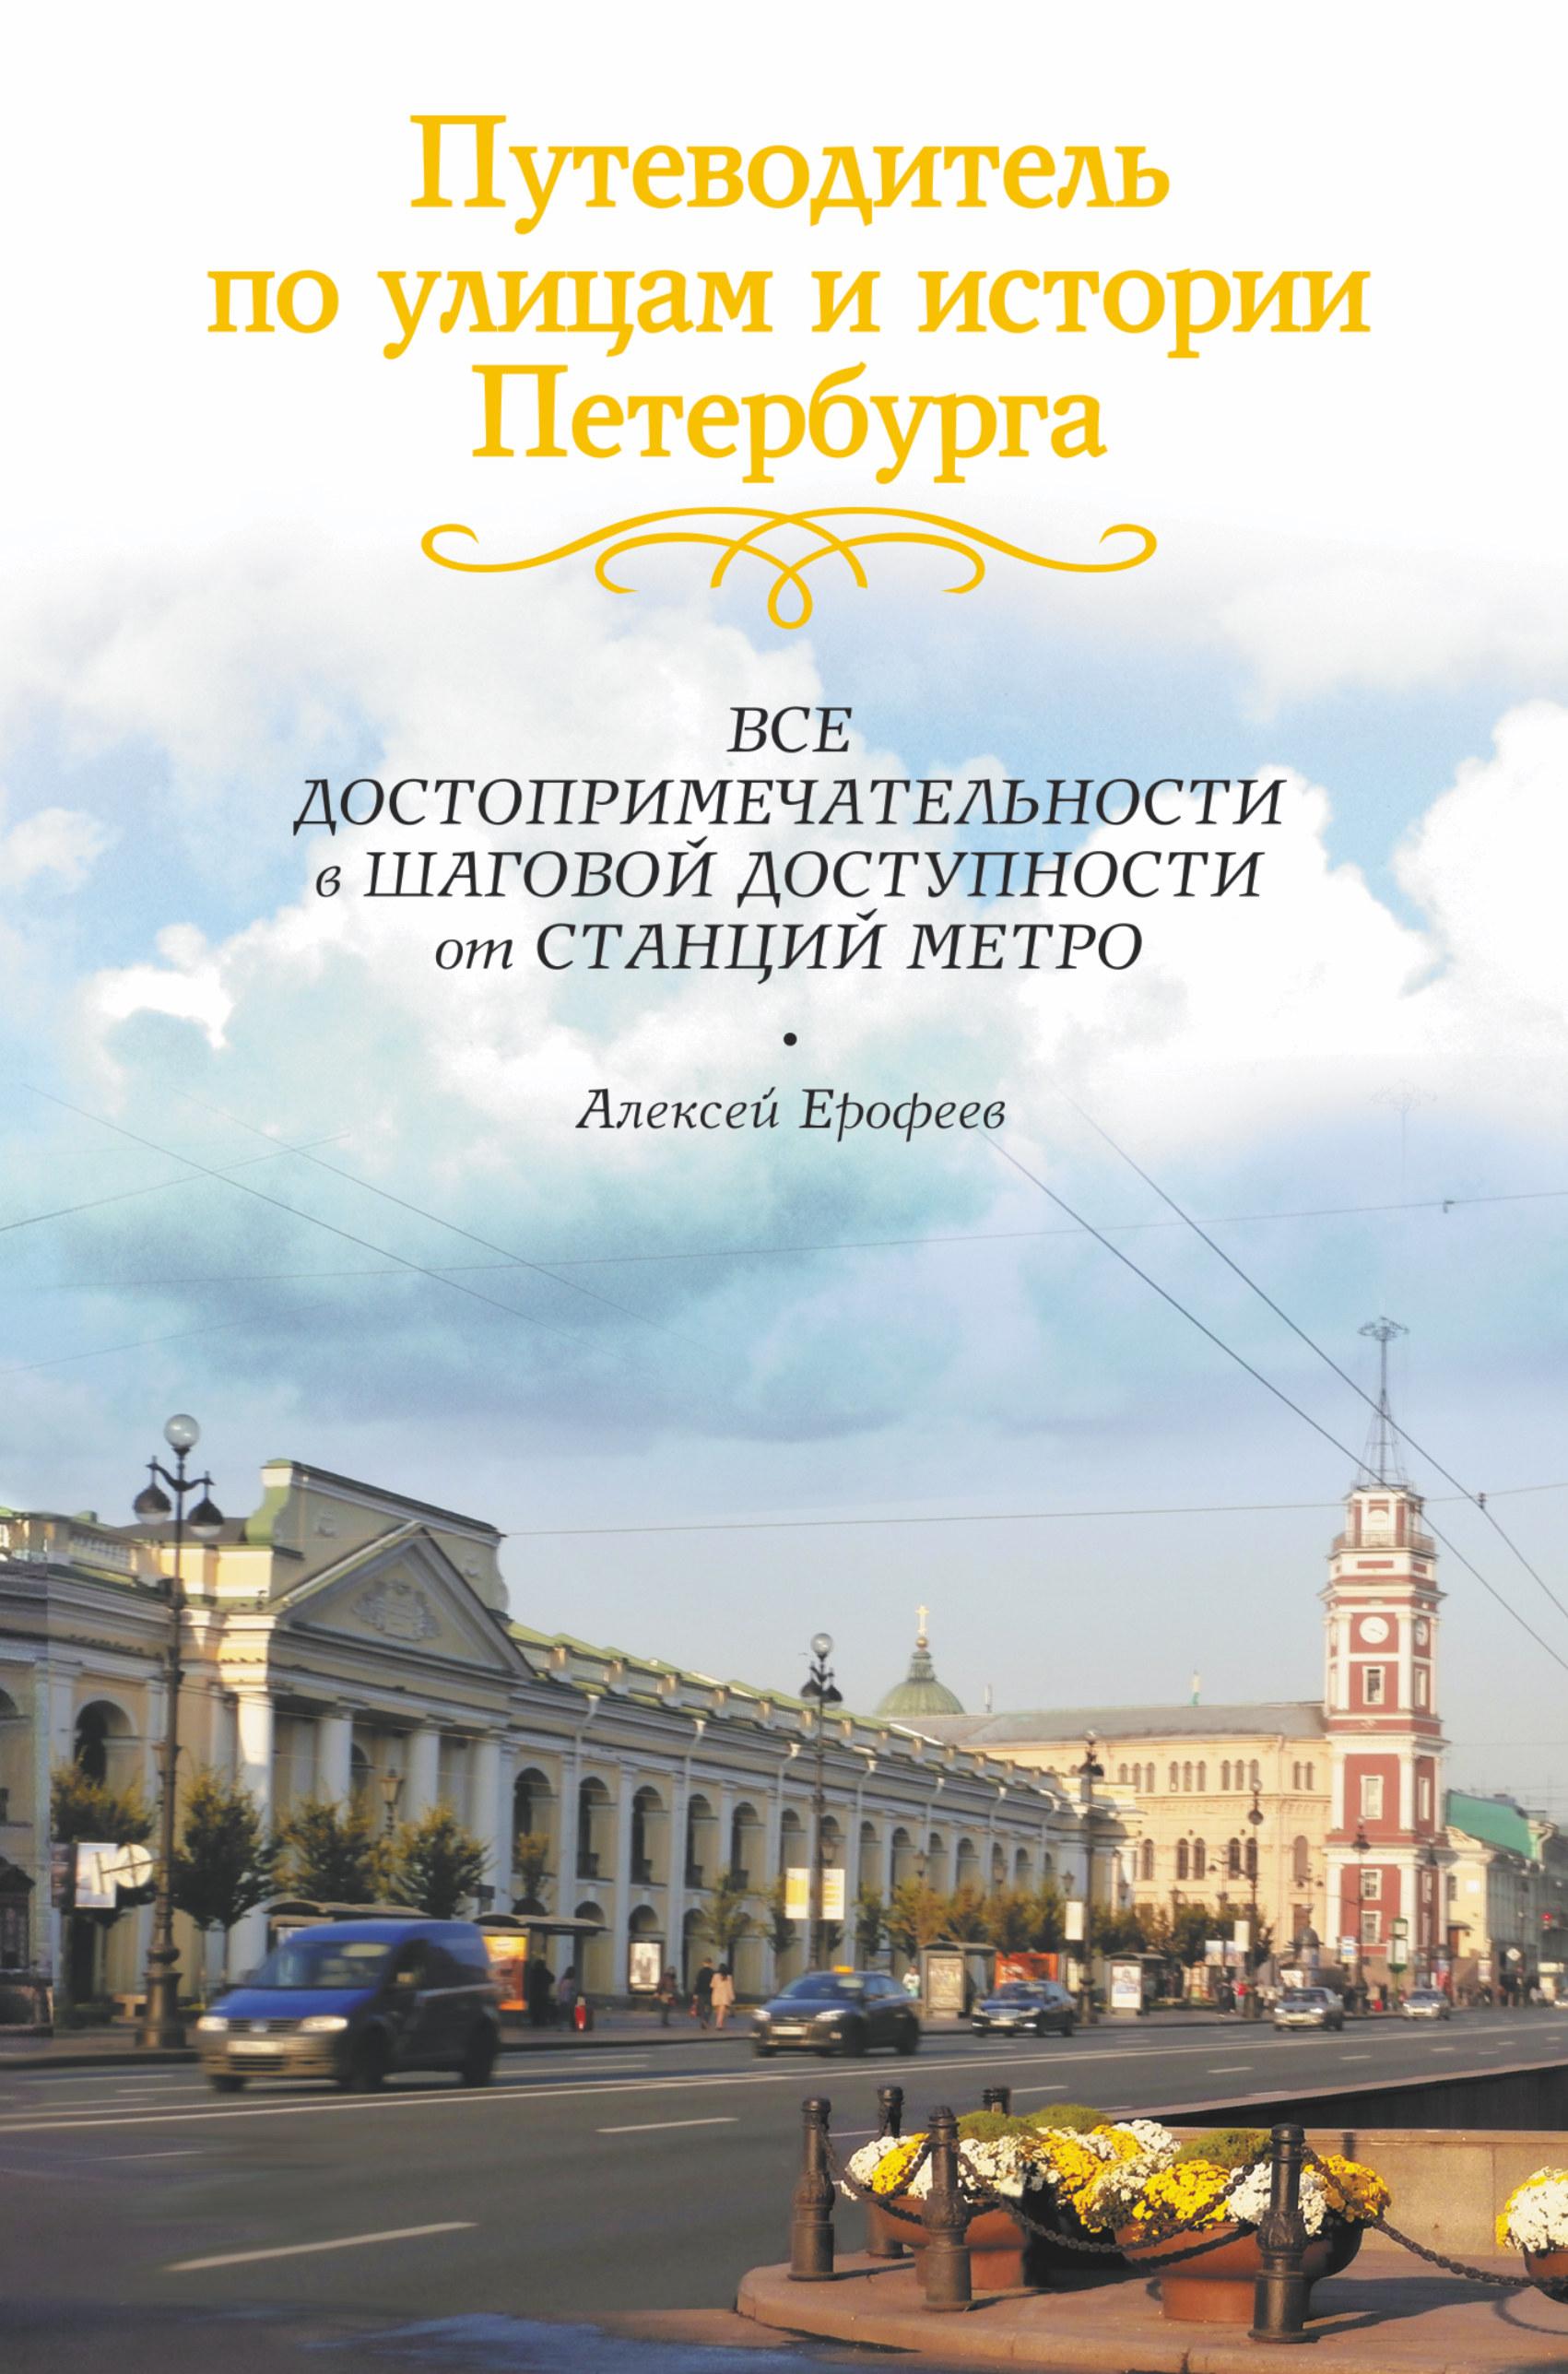 Алексей Ерофеев Путеводитель по улицам и истории Петербурга